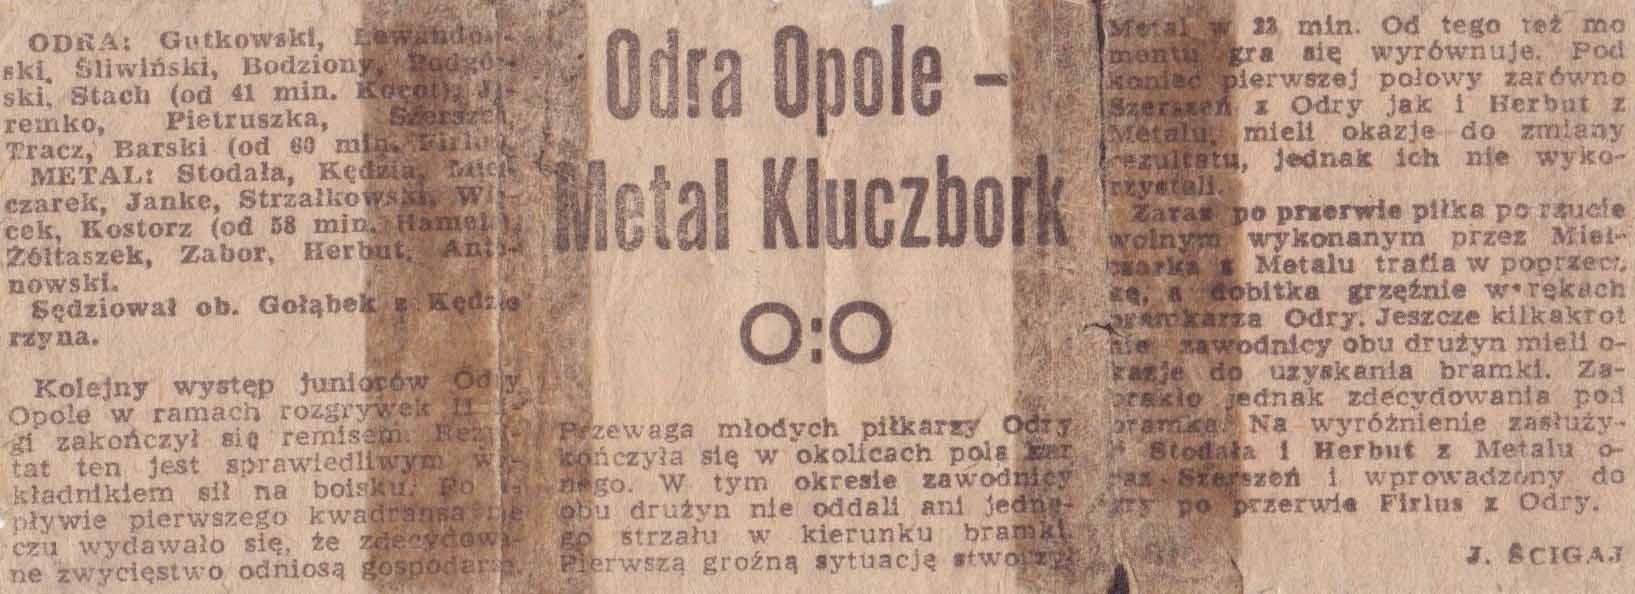 Relacja ze spotkania Odra Opole - Metal Kluczbork (0:0, juniorzy)